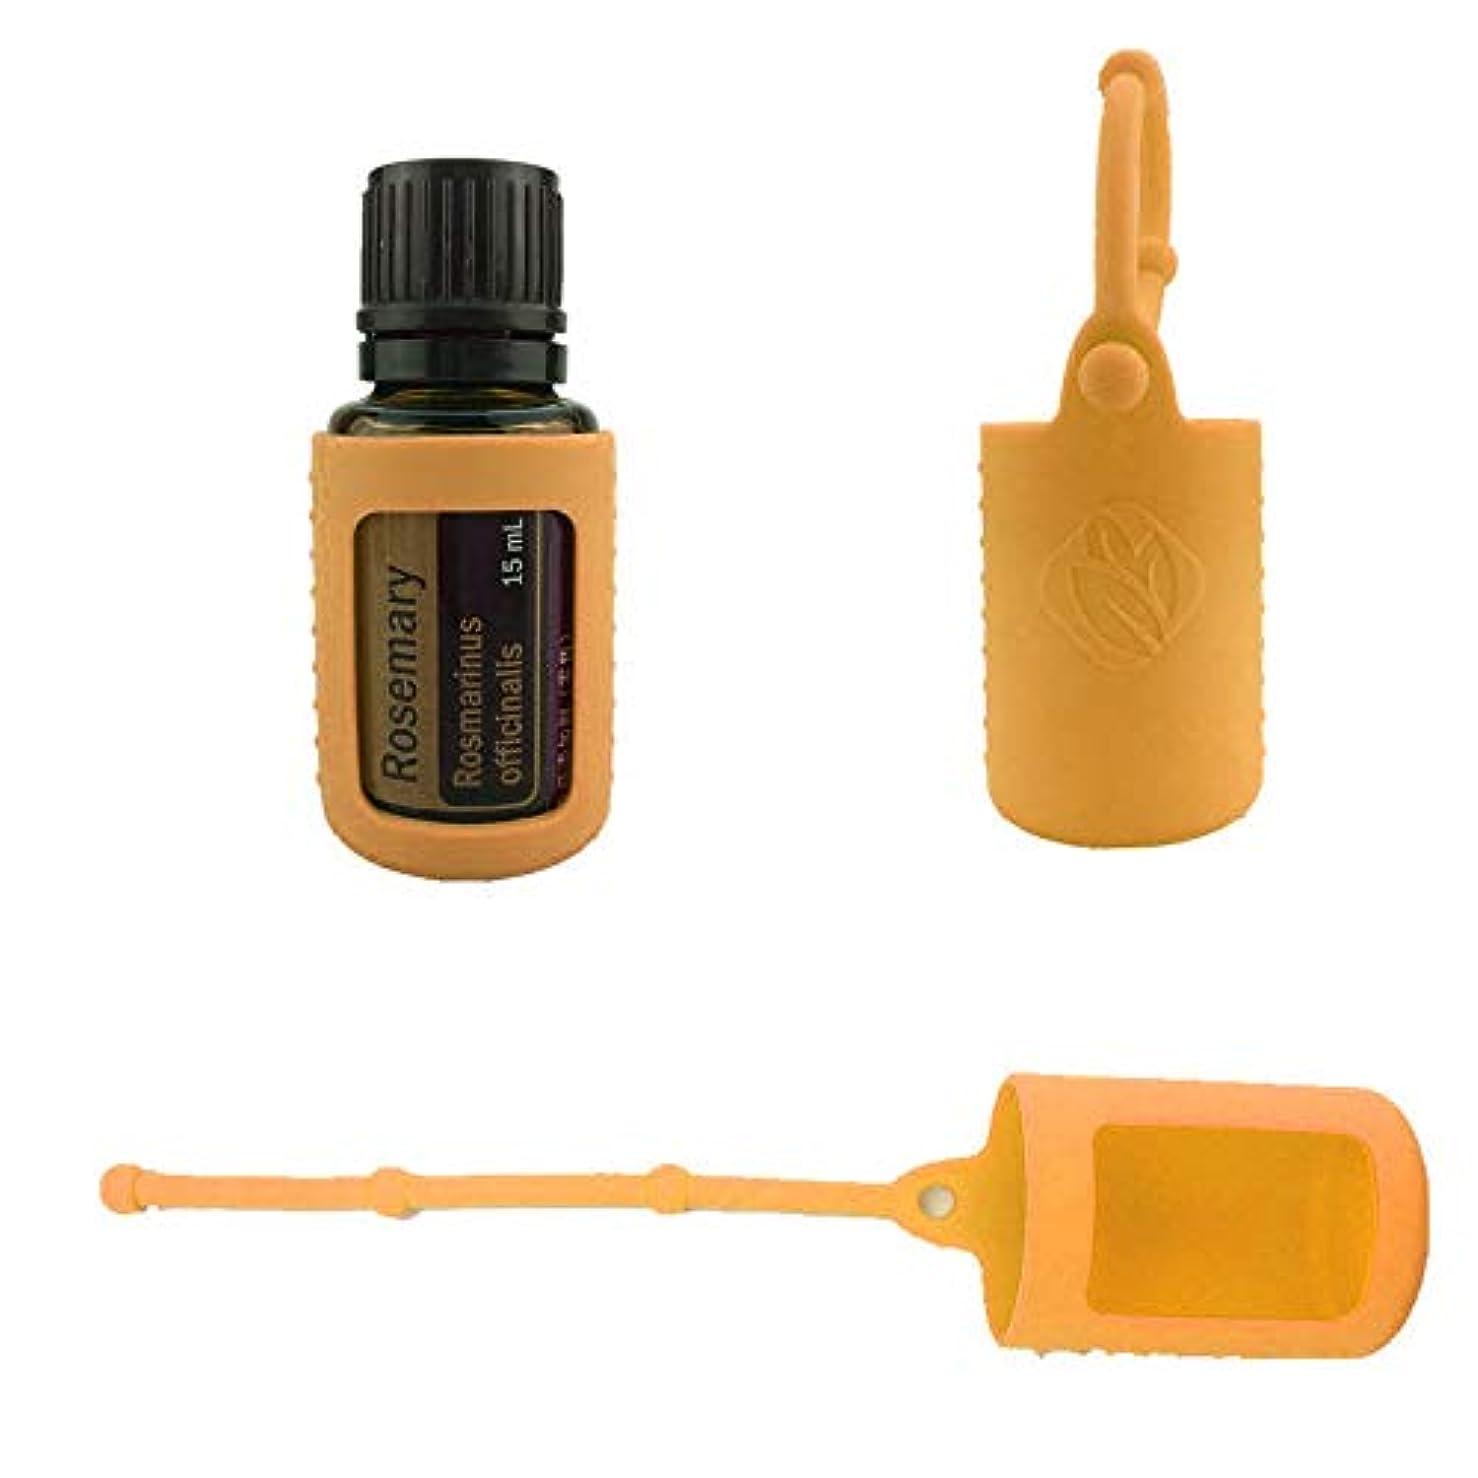 アウトドアカブデクリメント6パック熱望オイルボトルシリコンローラーボトルホルダースリーブエッセンシャルオイルボトル保護カバーケースハングロープ - オレンジ - 6-pcs 5ml